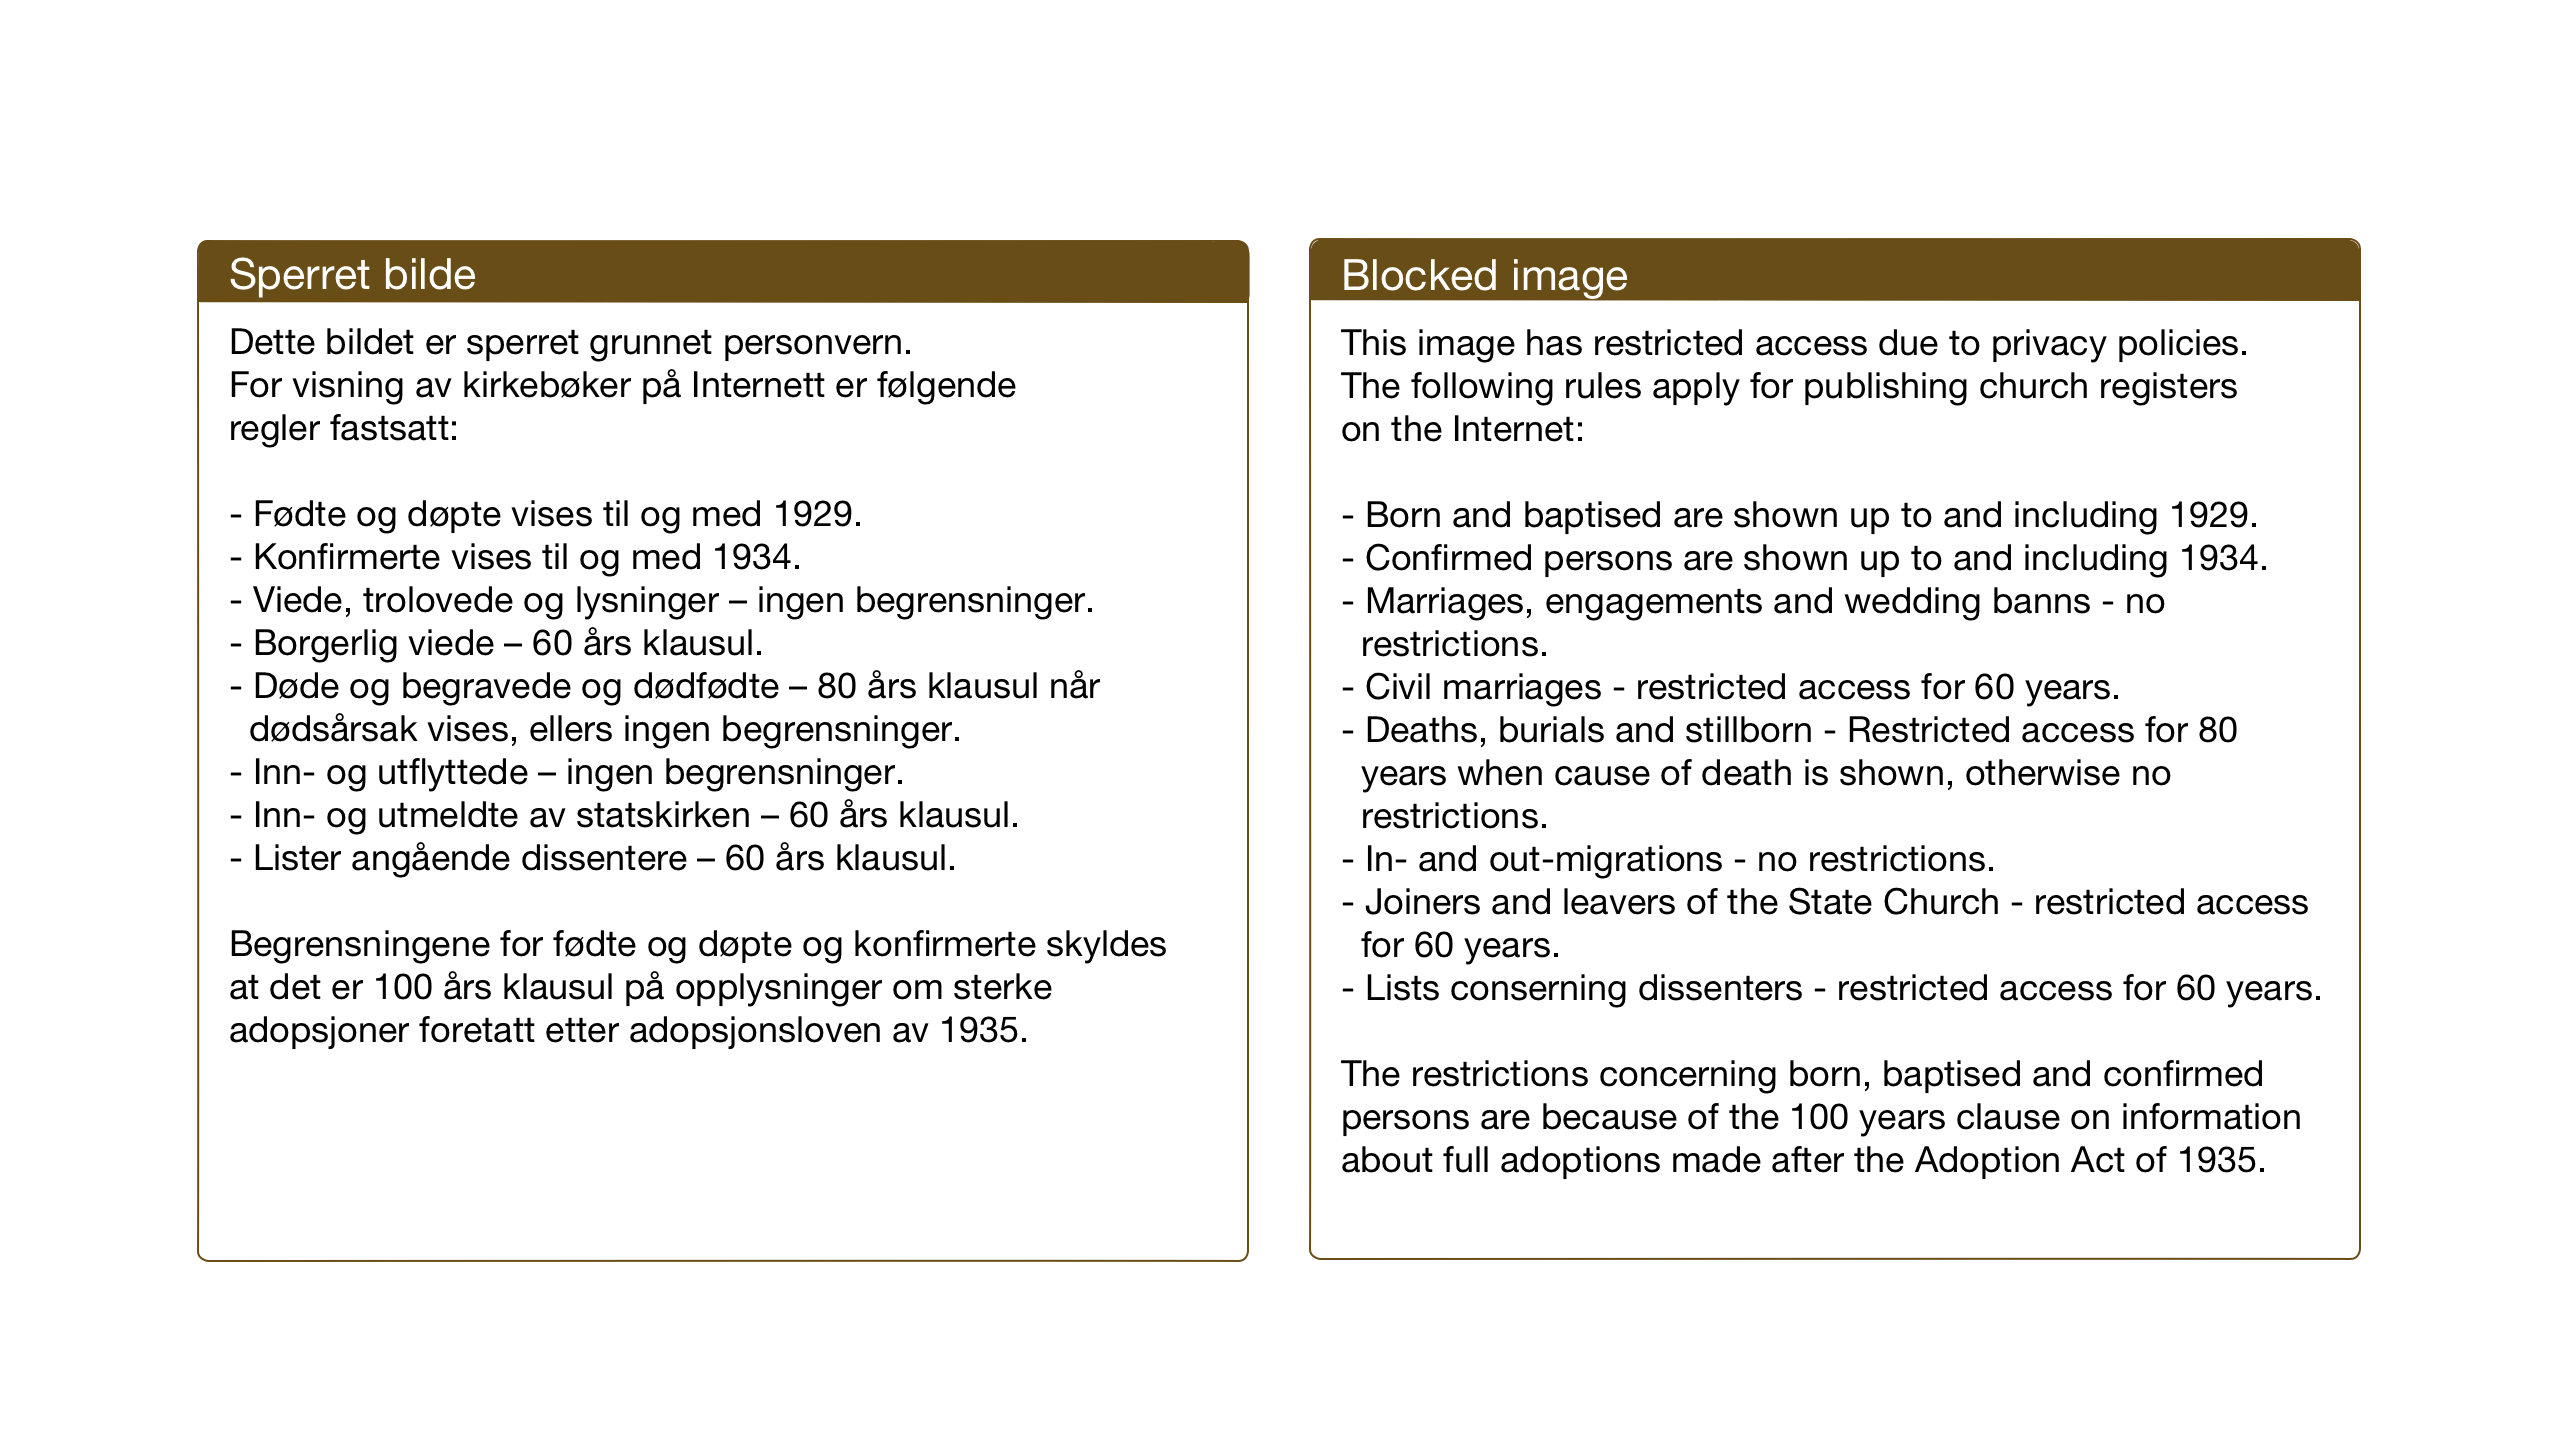 SAT, Ministerialprotokoller, klokkerbøker og fødselsregistre - Nord-Trøndelag, 742/L0413: Klokkerbok nr. 742C04, 1911-1938, s. 51